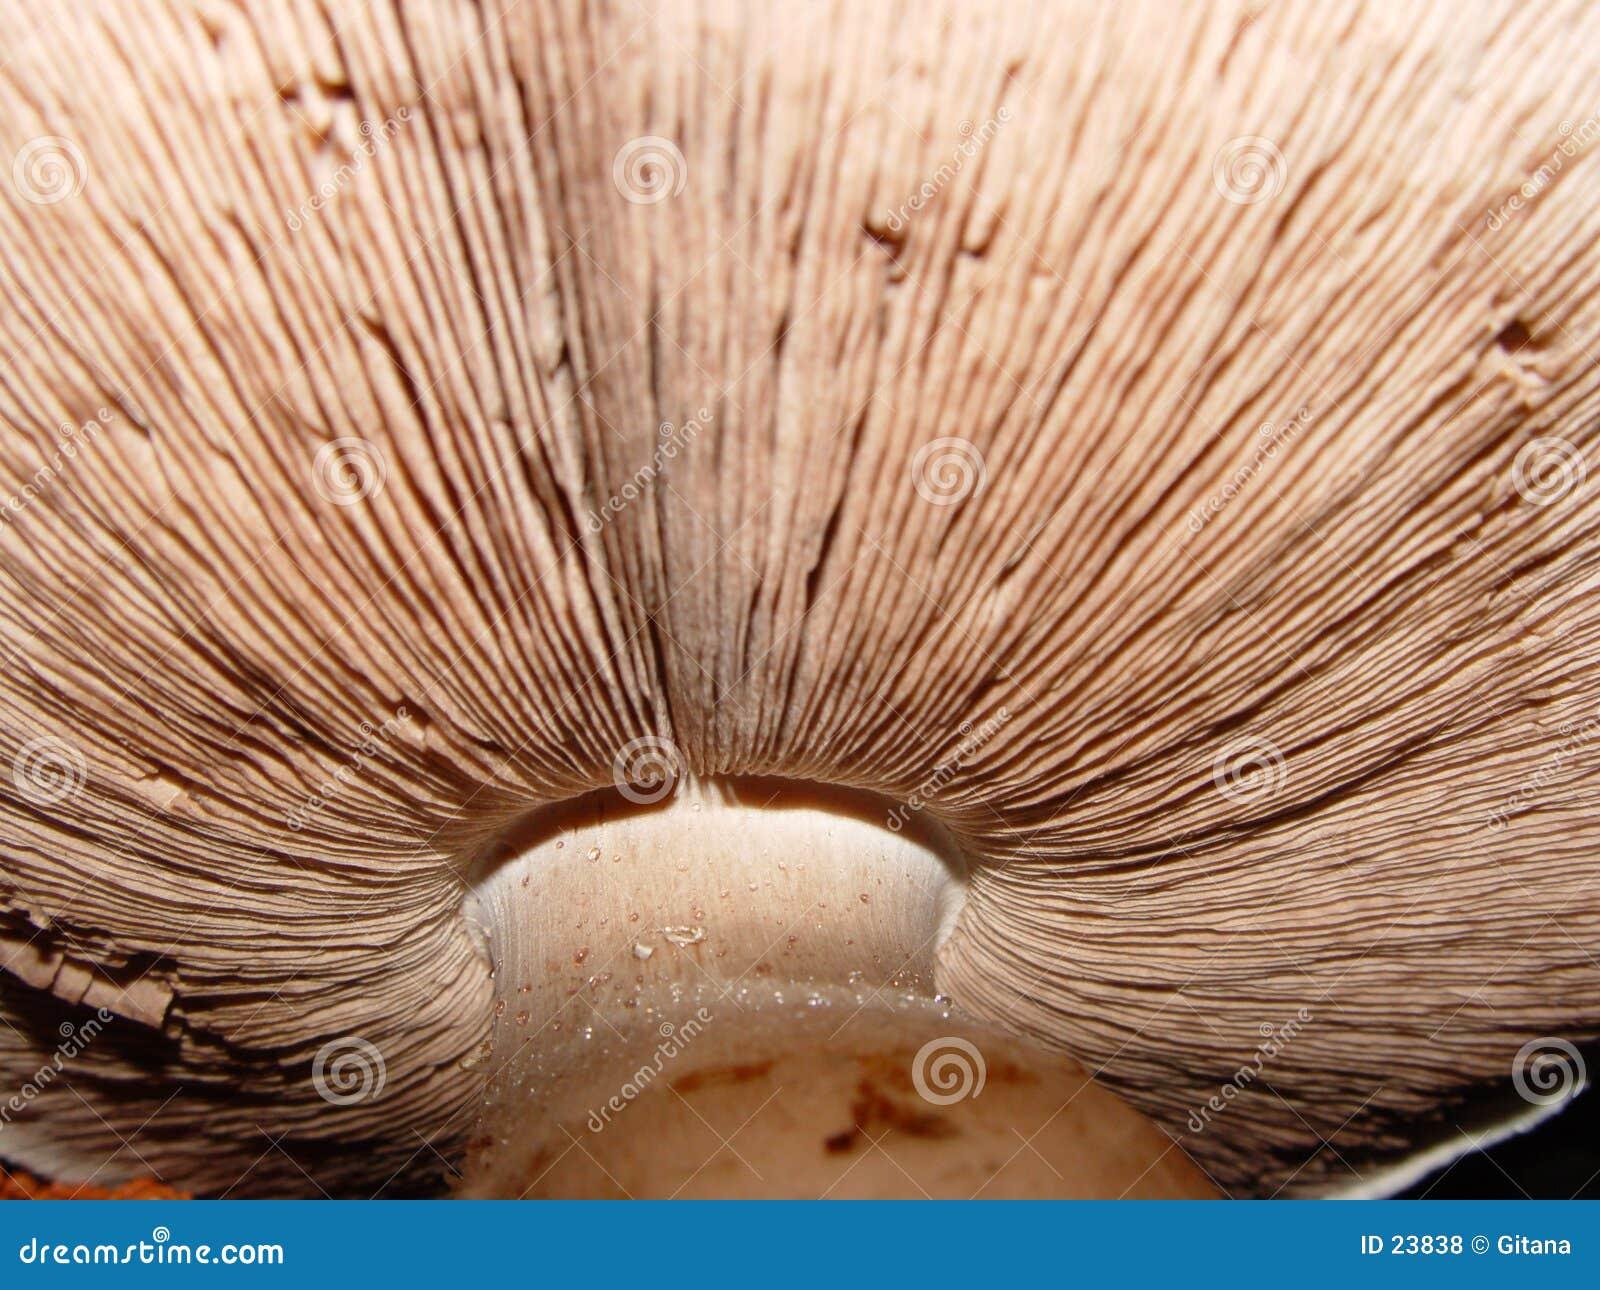 Cogumelo muito grande